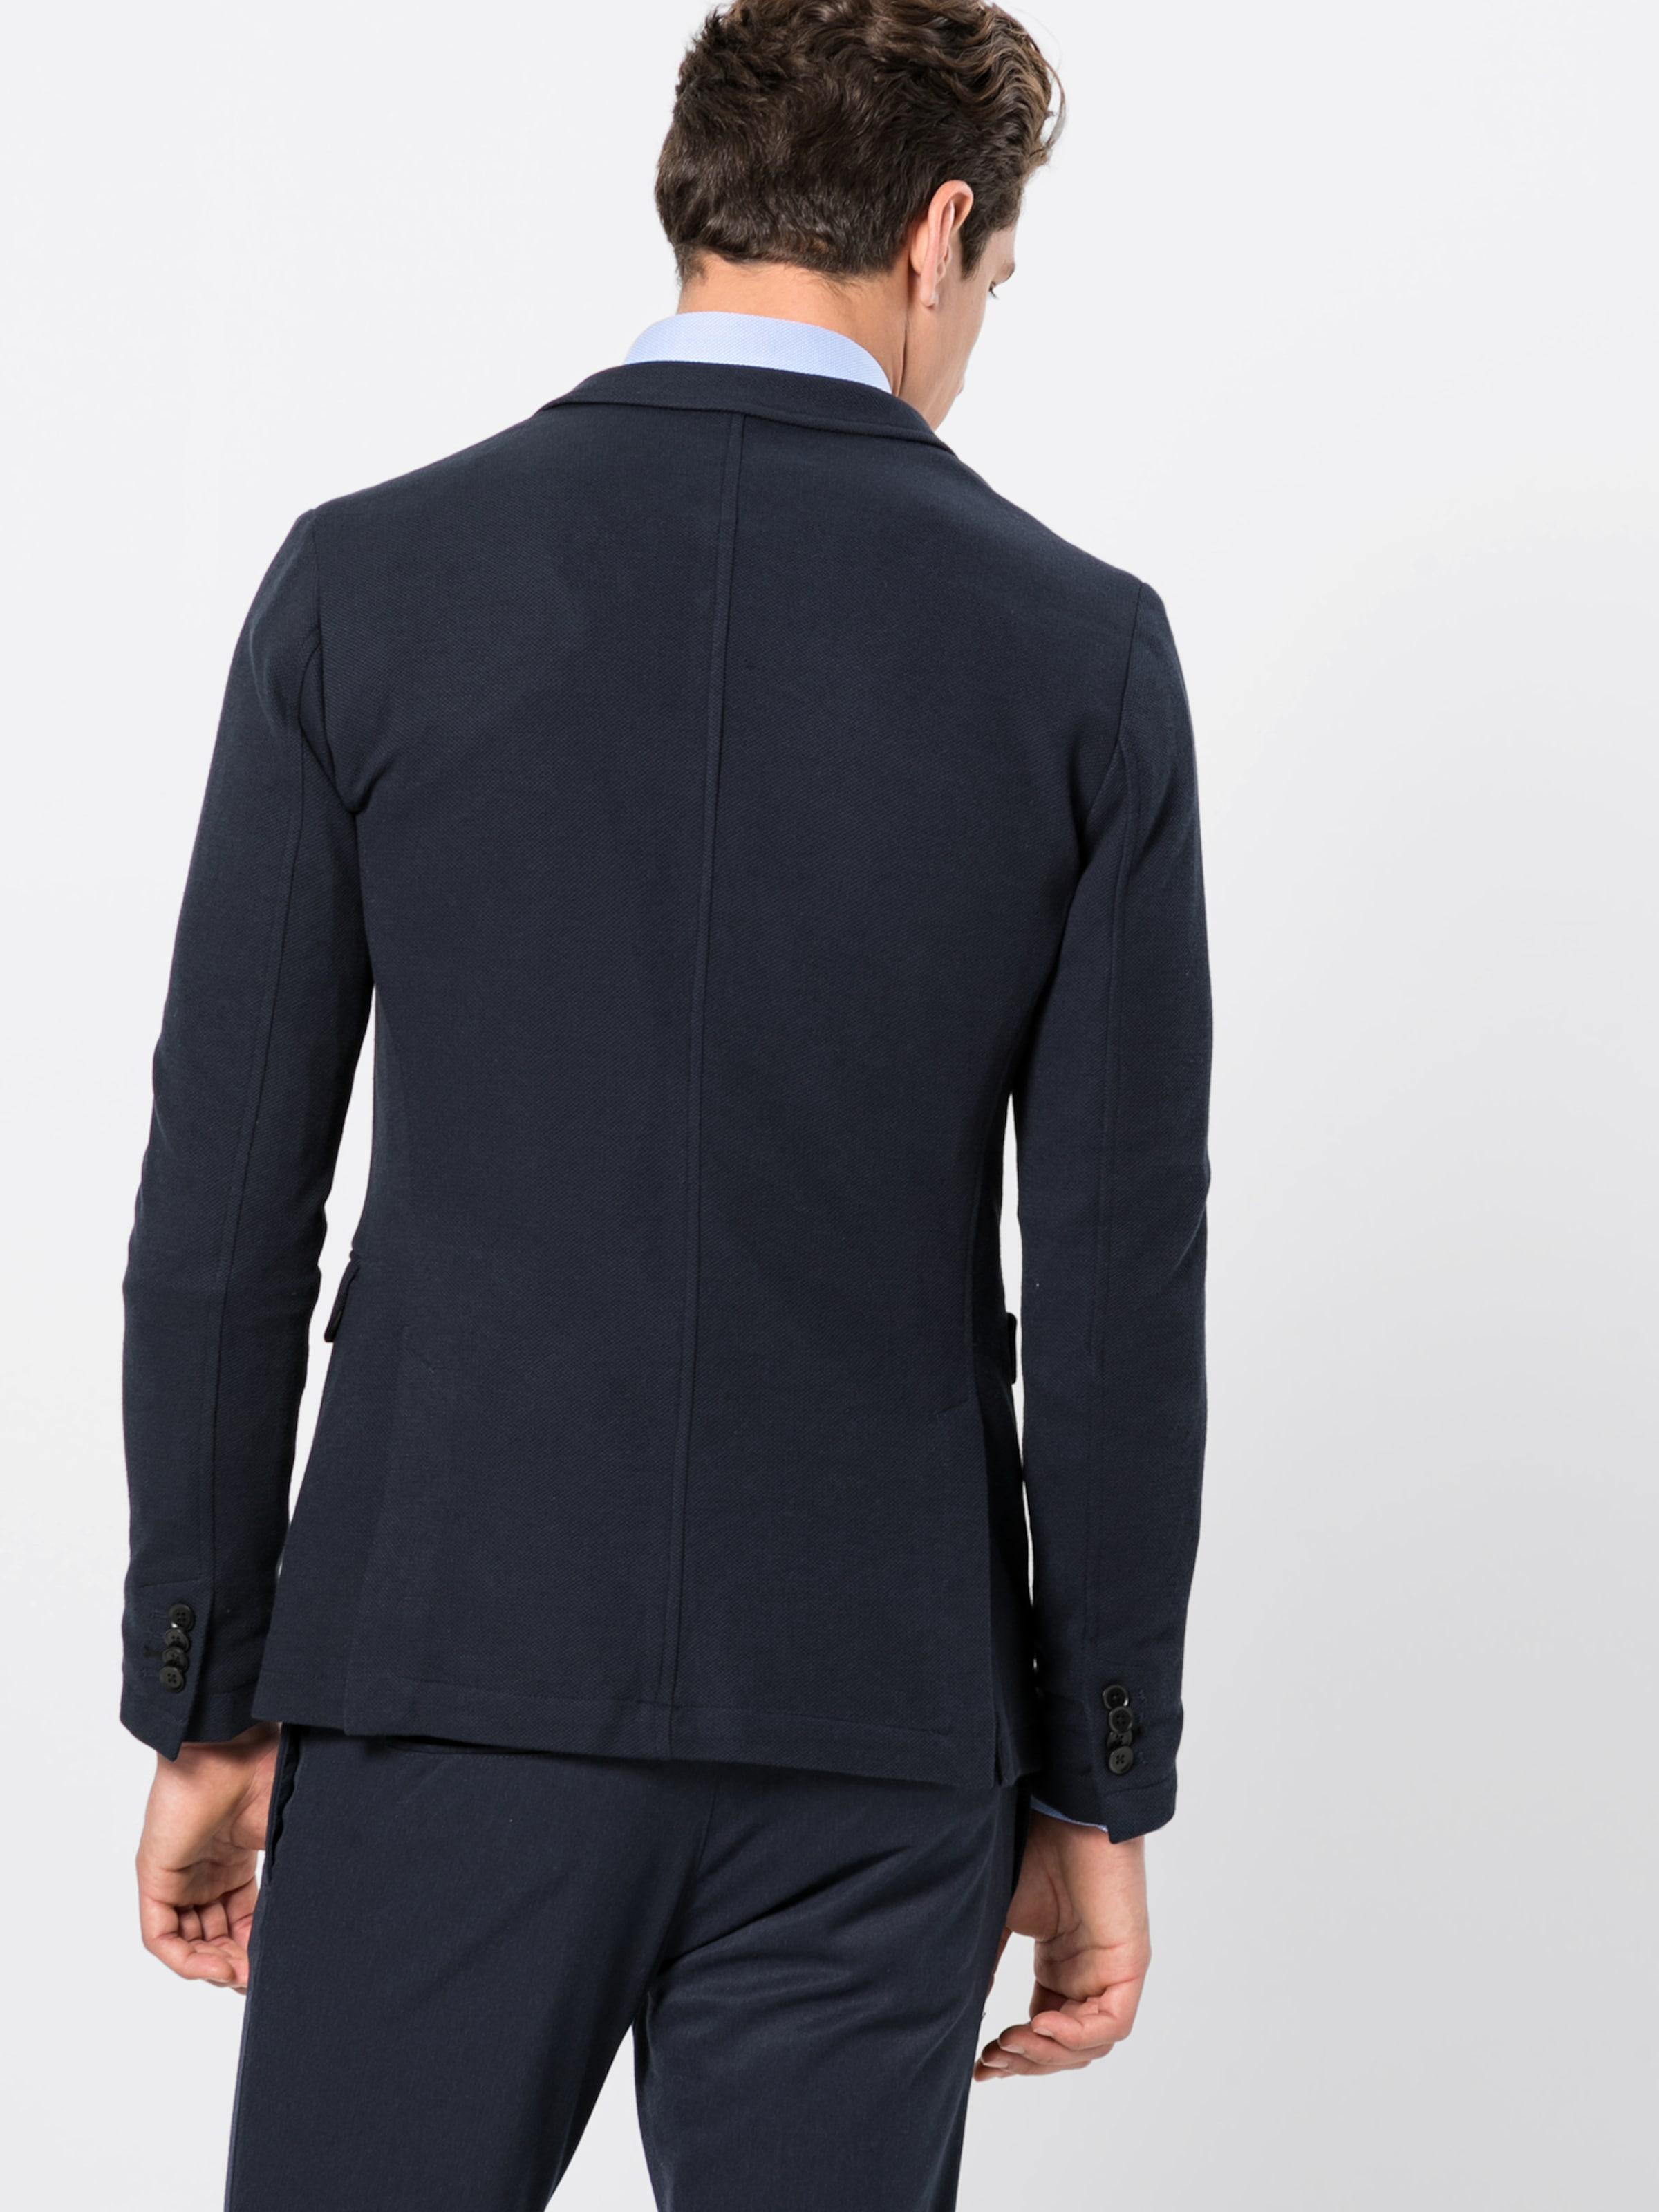 Esprit Costume Marine Knit En Collection De Veste 'strctr Blz' Bleu 5A4RjL